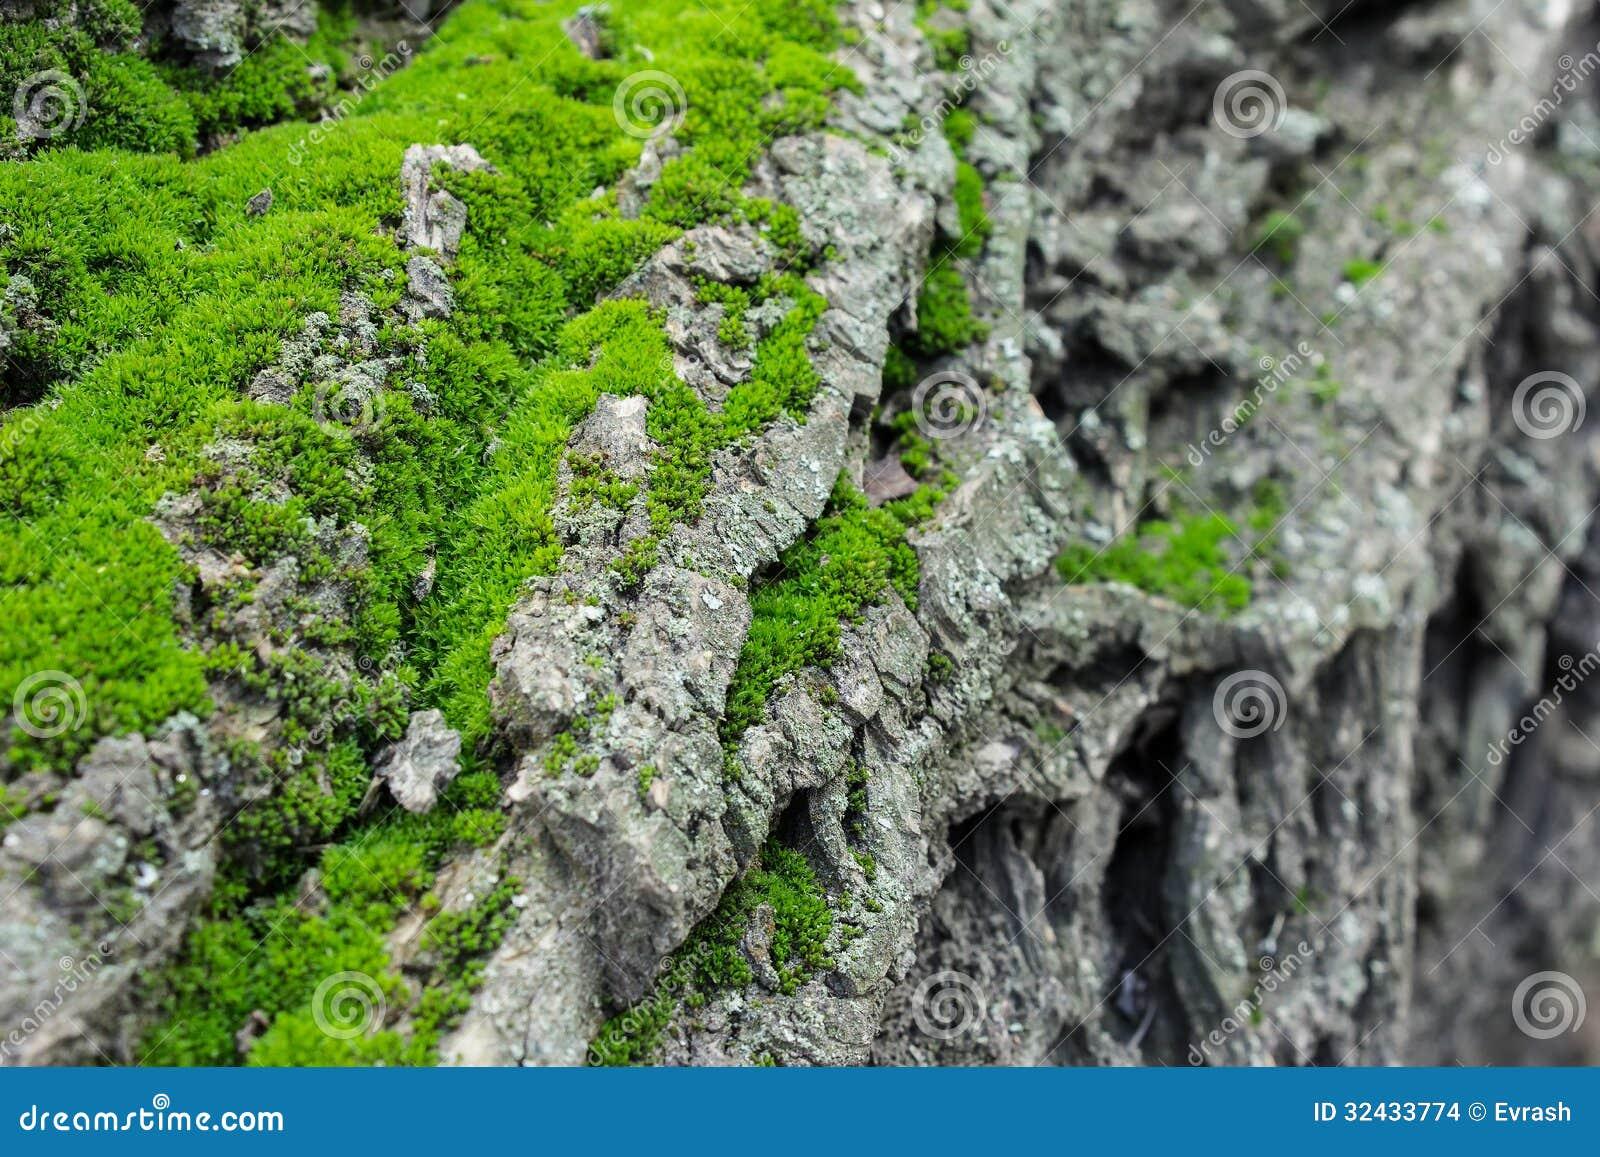 Paysage de montagne de mousse verte sur un arbre images stock image 32433774 - Mousse sur les arbres ...